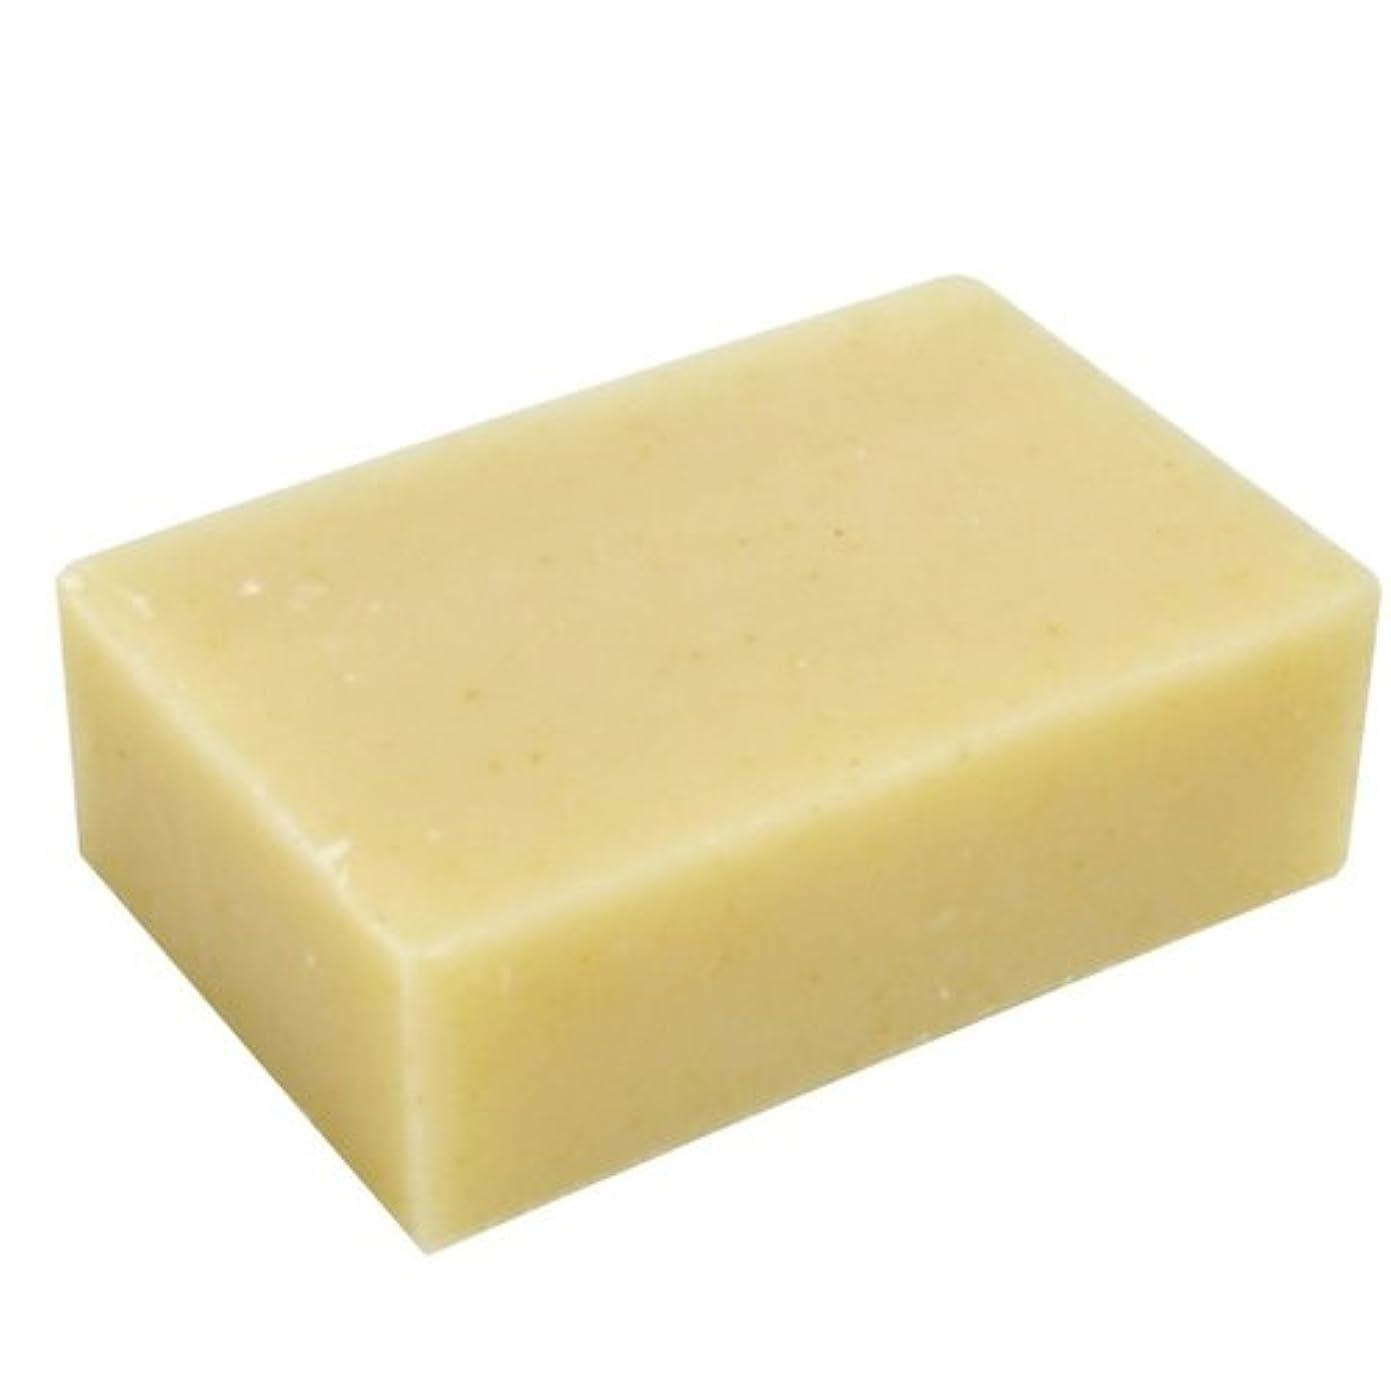 ペンフレンドスキップロッカーHAWAIIAN BATH & BODY SOAP ククイ